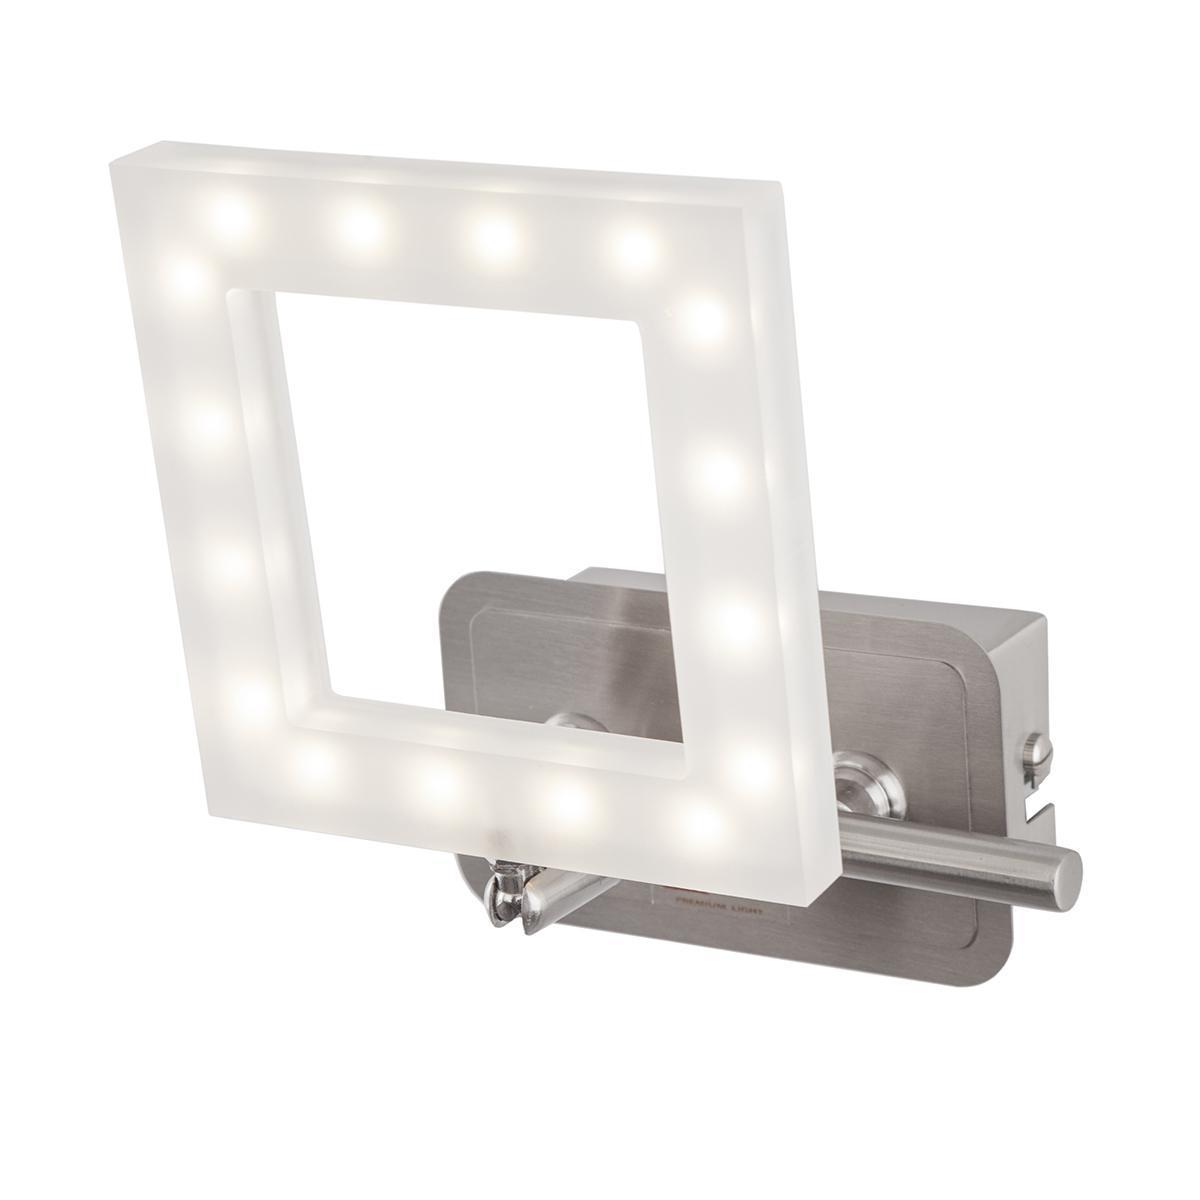 Светодиодный спот IDLamp Piazza 106/1A-LEDWhitechrome светодиодный спот idlamp piazza 106 1a ledwhitechrome